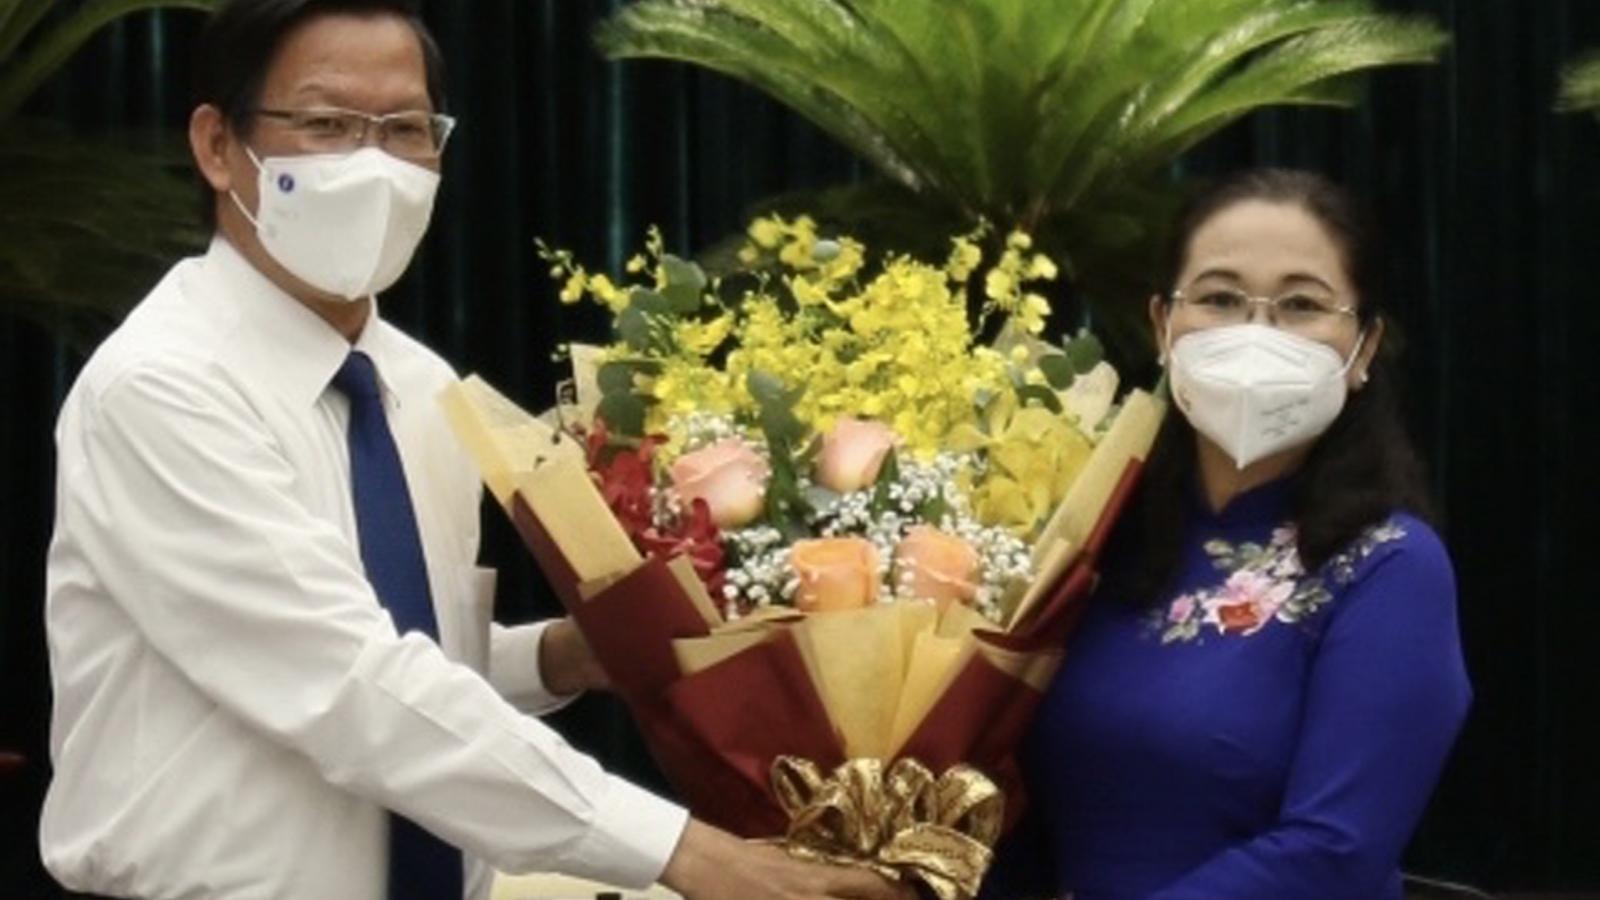 HĐND TP.HCM kêu gọi người dân đồng lòng chống dịch